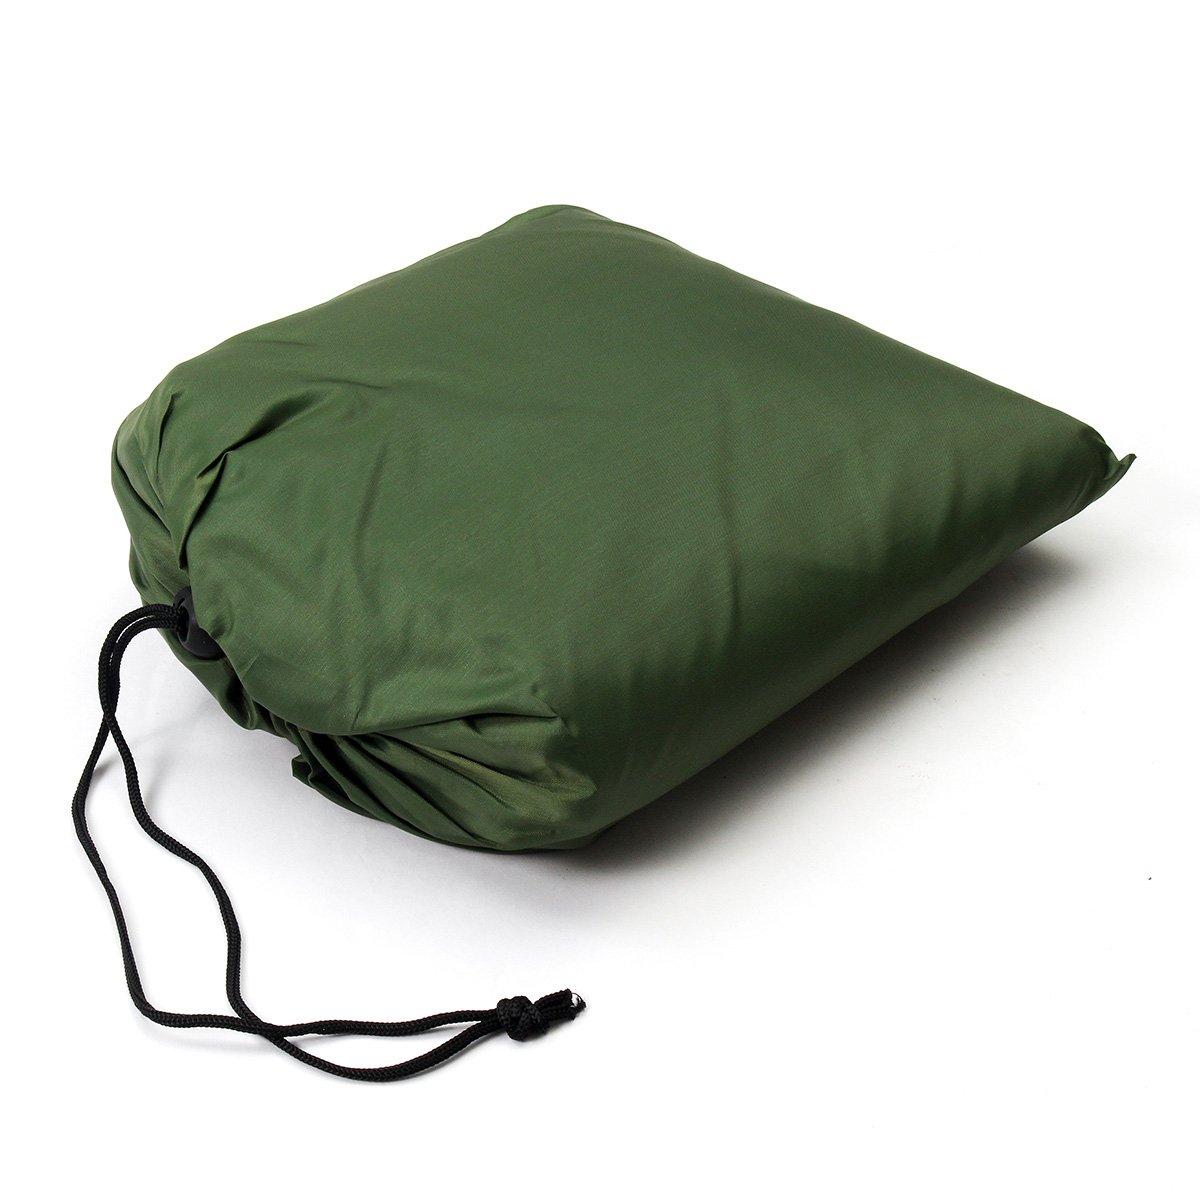 LaDicha Portátil 3-4 Persona Ligero Campamento Tienda Impermeable Lona Abrigo De Lluvia Alfombra Hamaca Cubierta: Amazon.es: Hogar